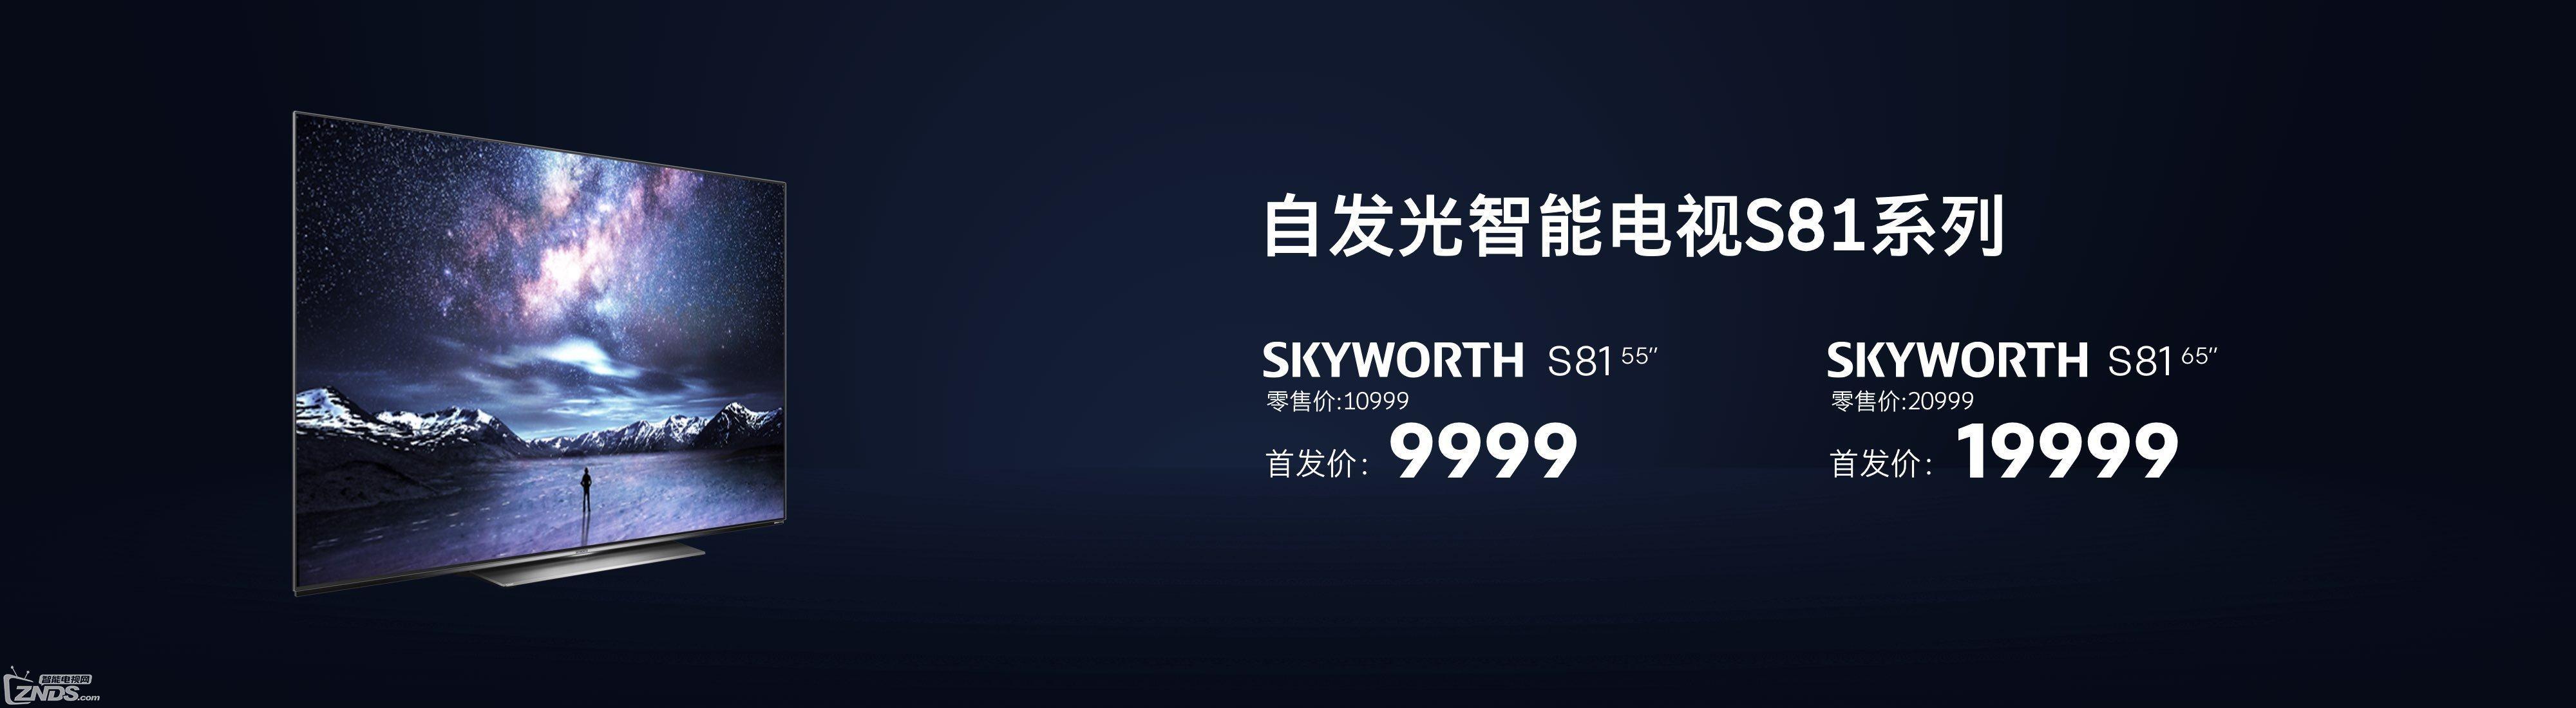 创维发布创维S81自发光电视 售价9999元起